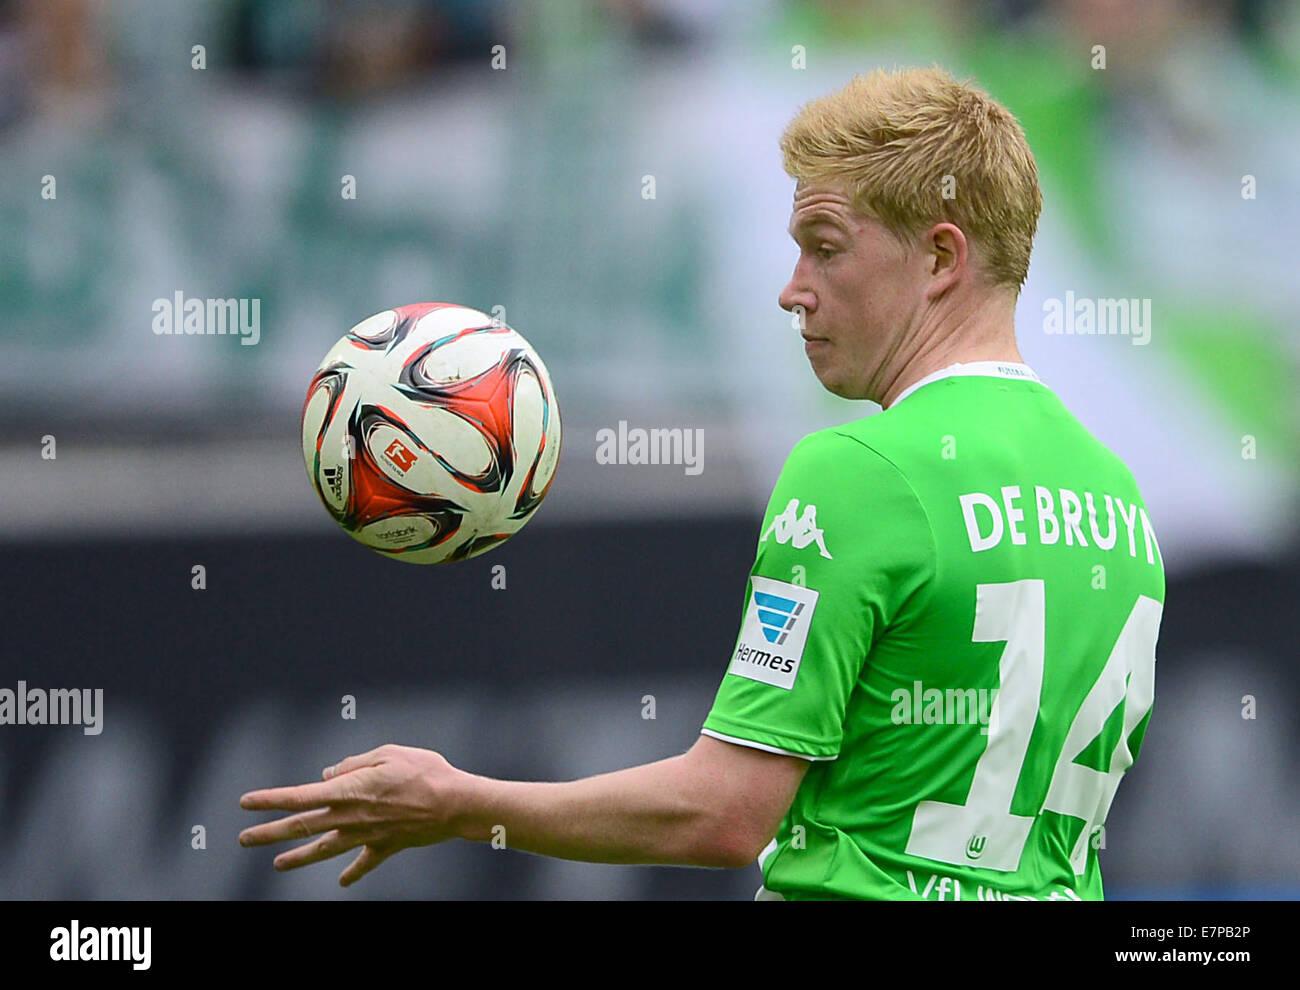 Wolfsburg, Germany. 21st Sep, 2014. Wolfsburg's Kevin De